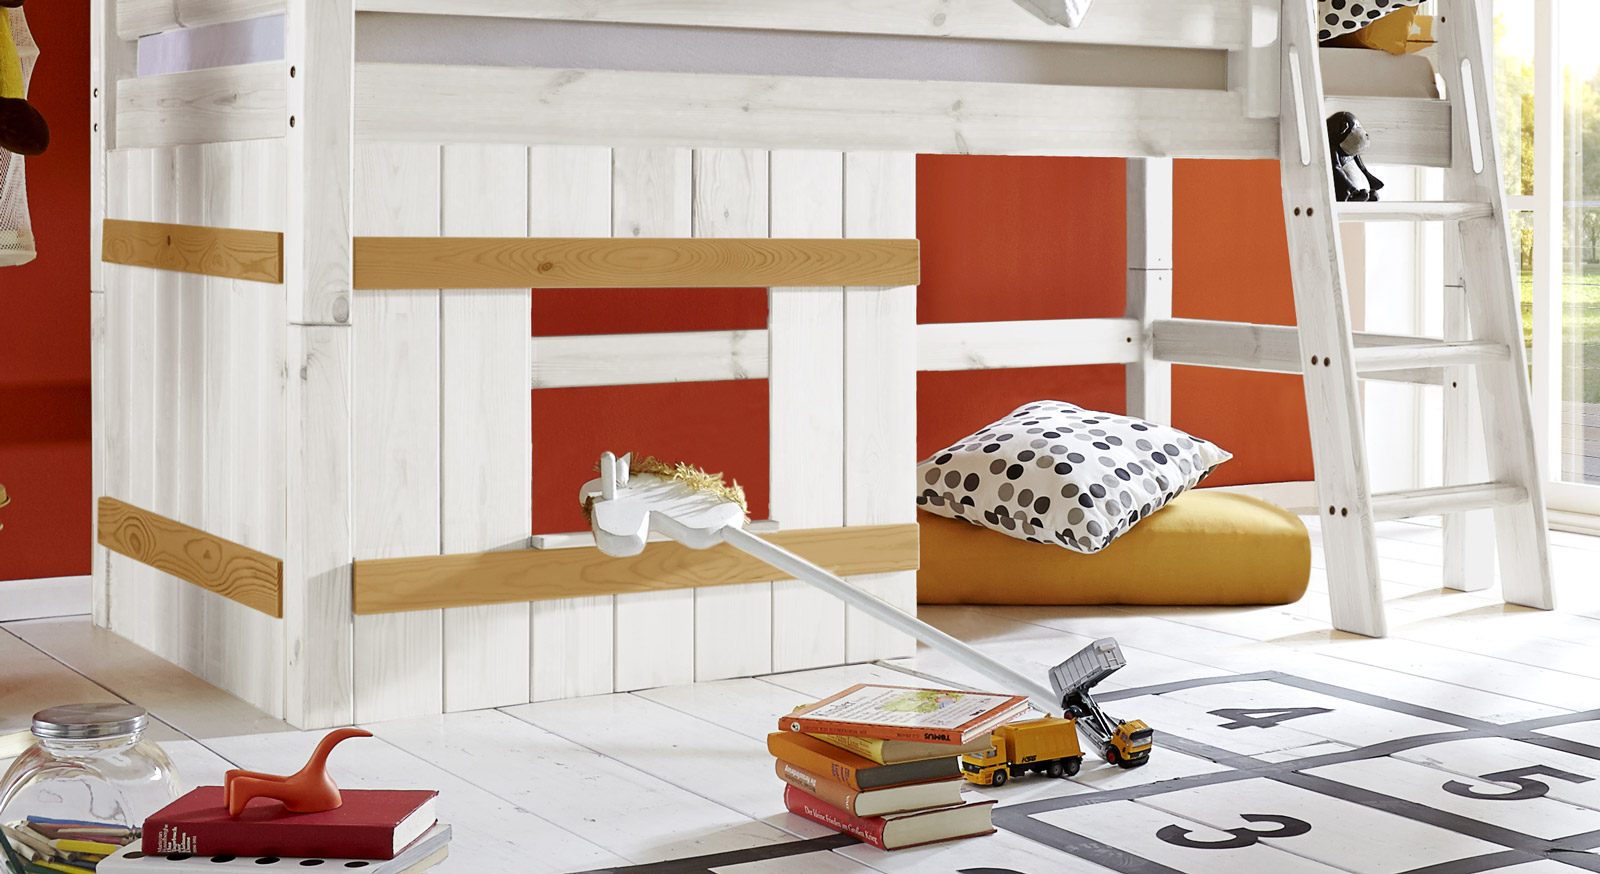 Holzverkleidung Kids Paradise Kiefer Weiß mit gelaugten Leisten